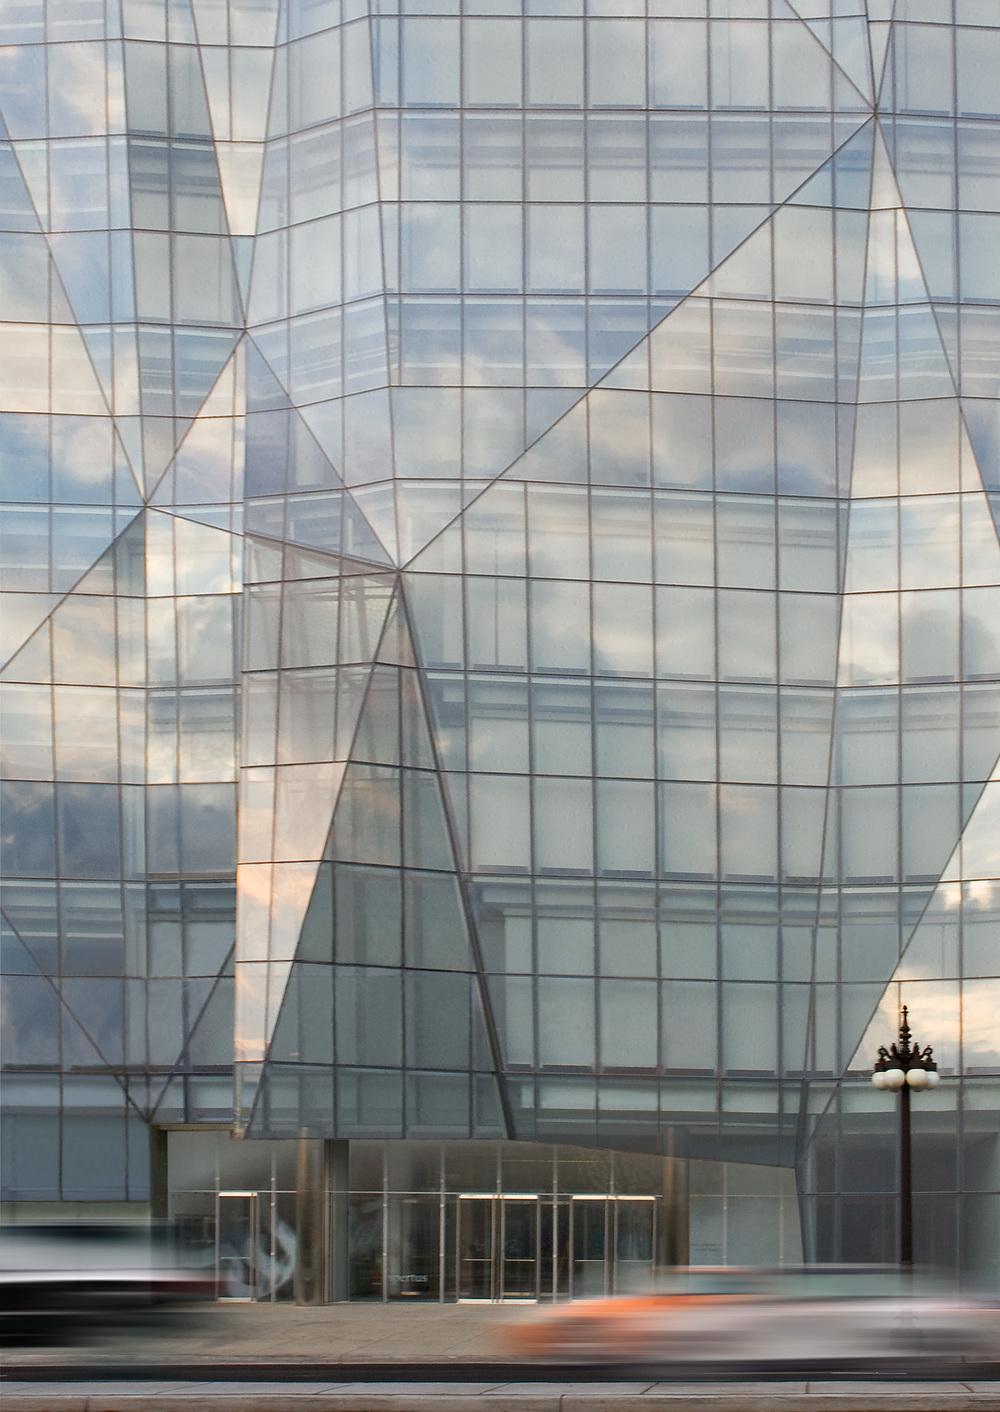 Spertus Institute / Chicago IL / Krueck & Sexton